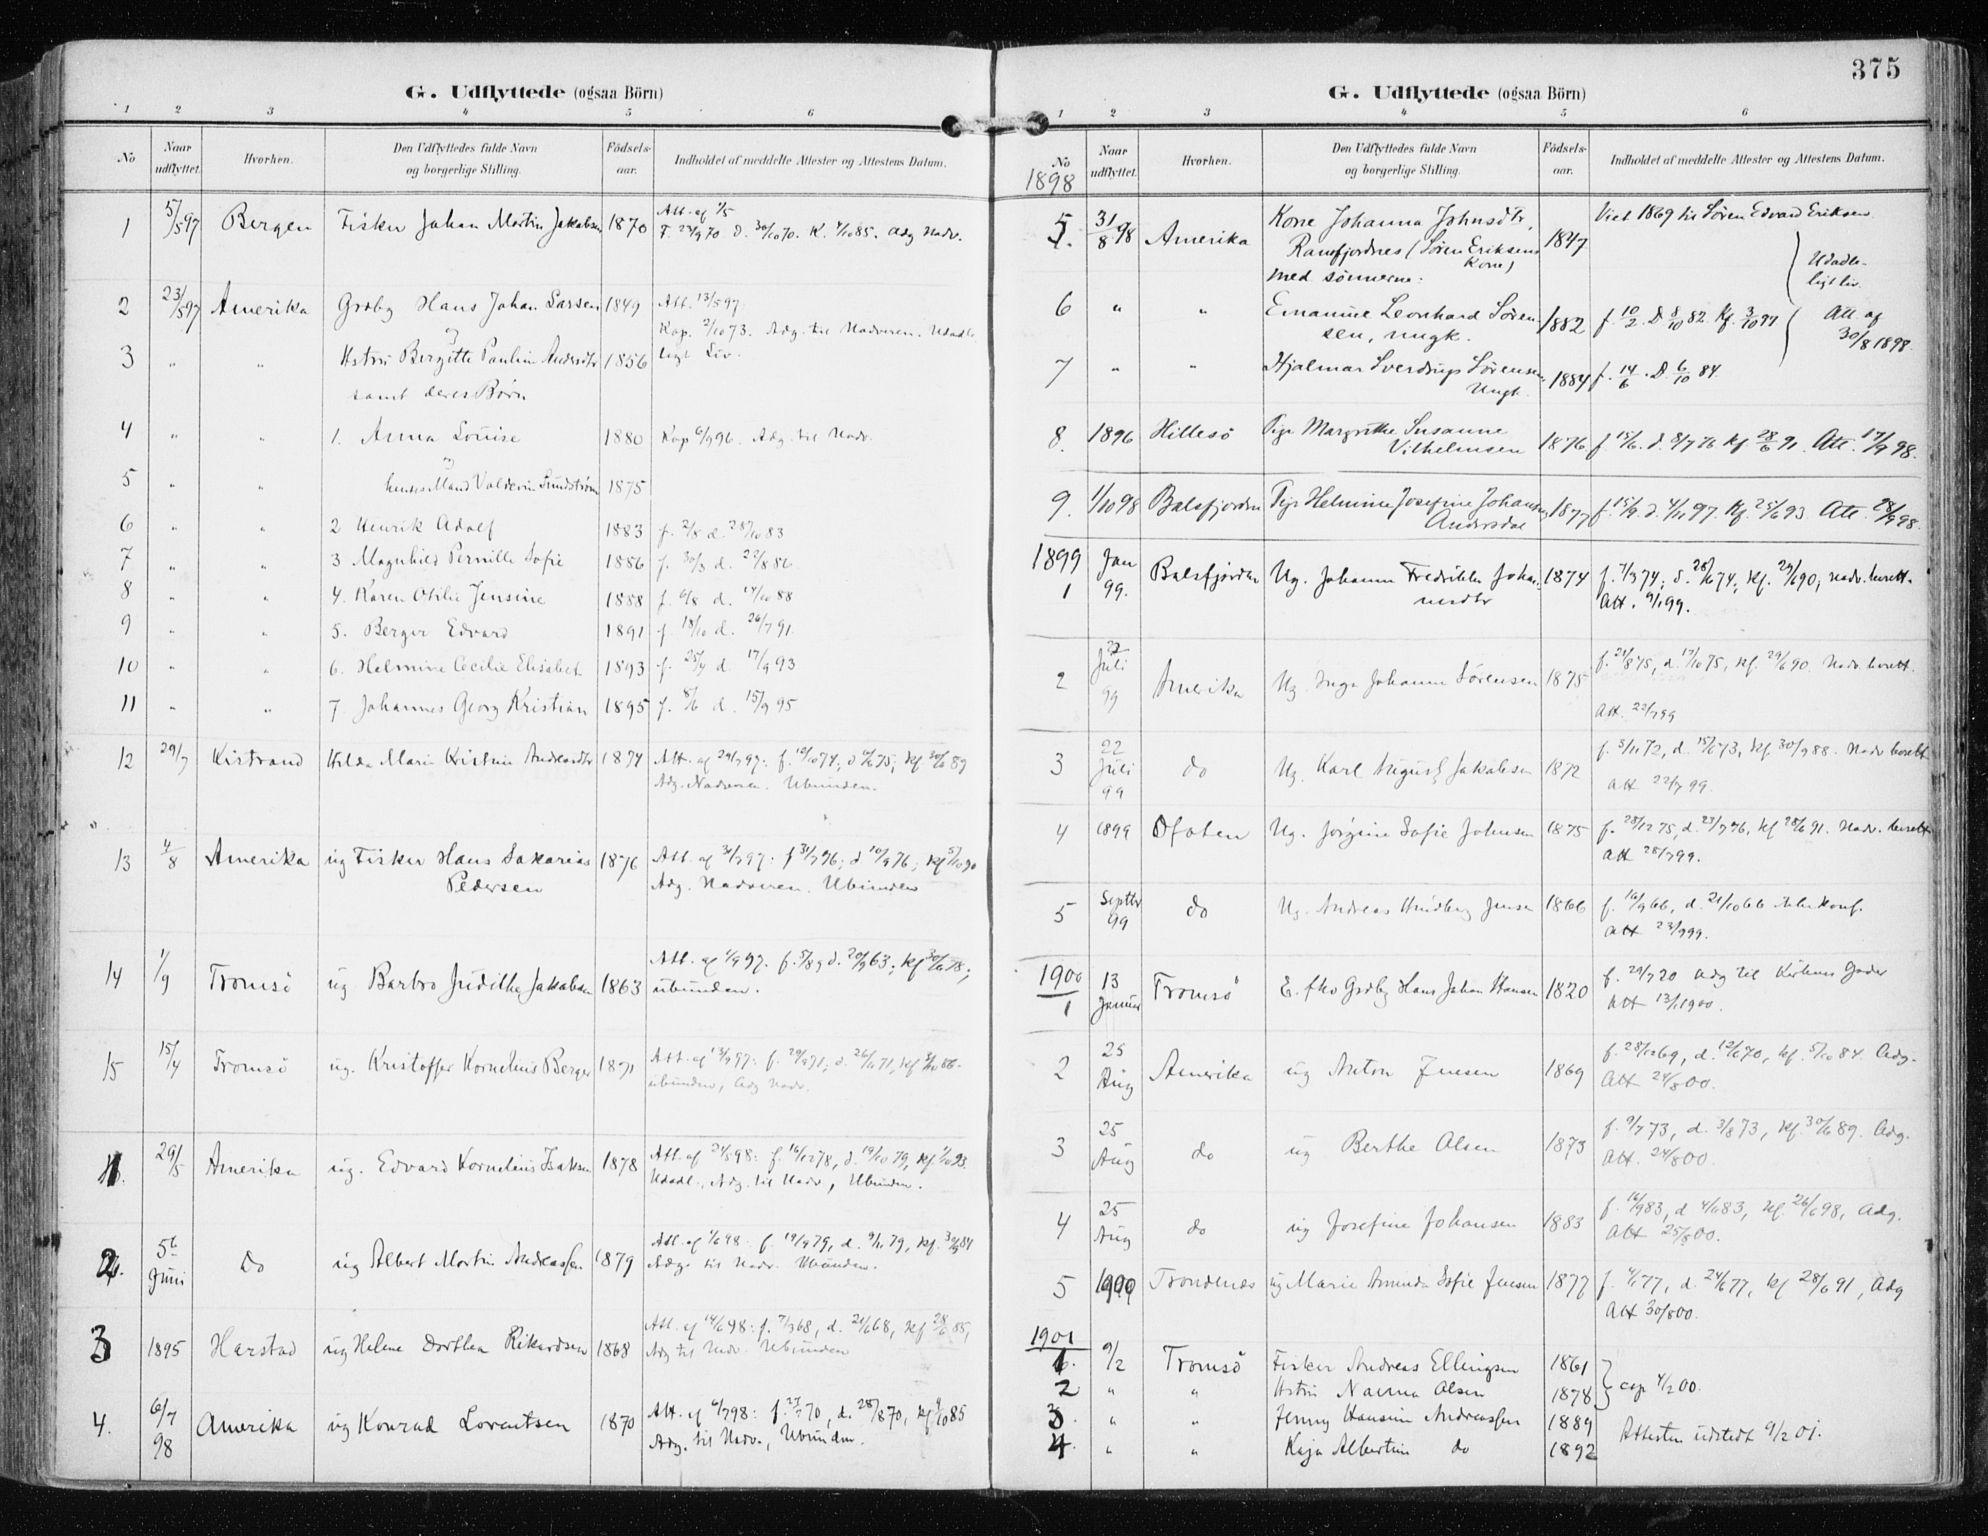 SATØ, Tromsøysund sokneprestkontor, G/Ga/L0006kirke: Ministerialbok nr. 6, 1897-1906, s. 375